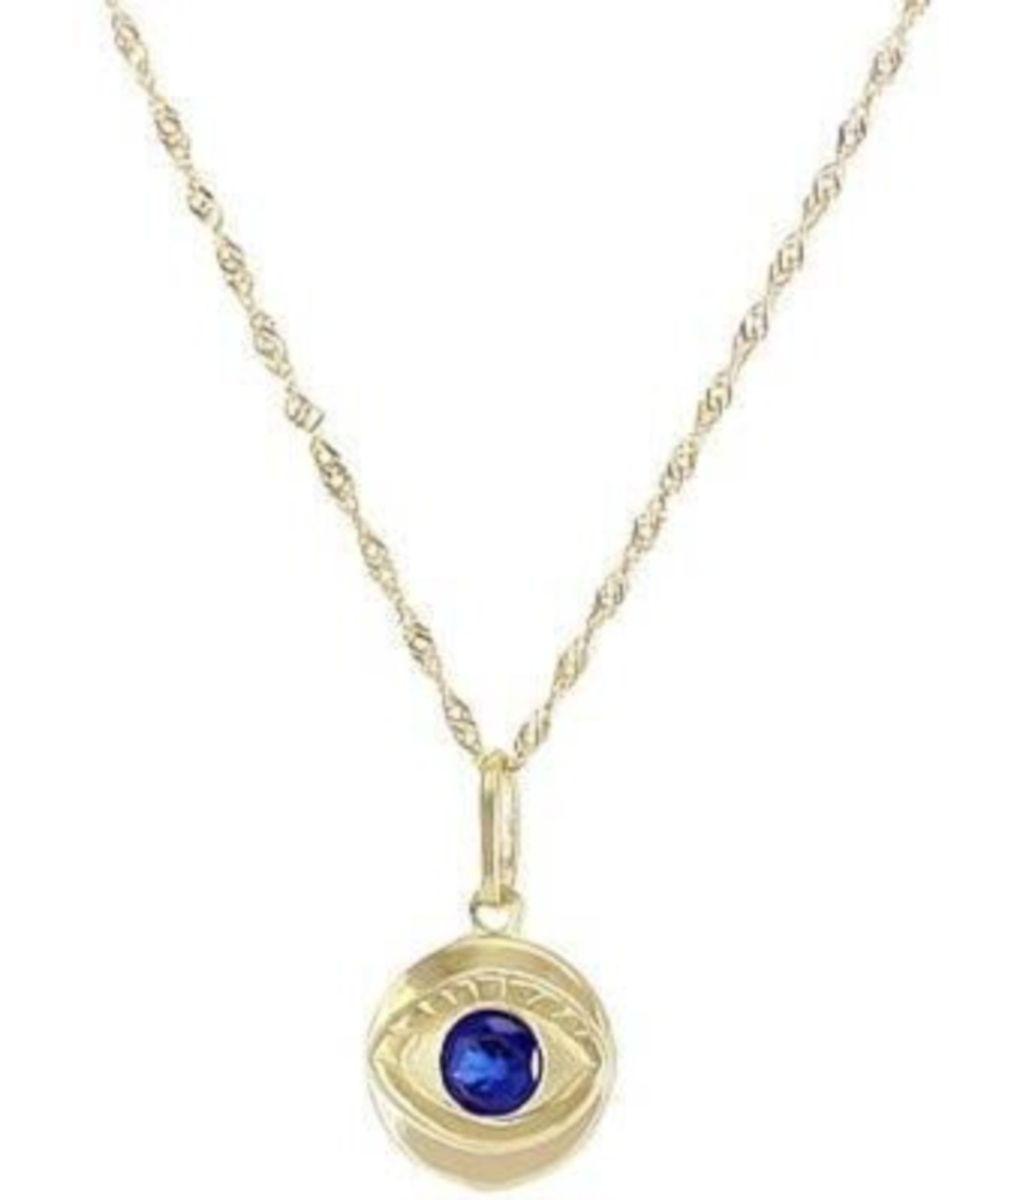 9fd287e102bb8 colar olho grego ouro amarelo 18k - jóias ouro.  Czm6ly9wag90b3muzw5qb2vplmnvbs5ici9wcm9kdwn0cy85mziznc8ymtmzzdu3mwzin2zmodu5zdnlyzk1yjjkmtrjywu3yy5qcgc  ...